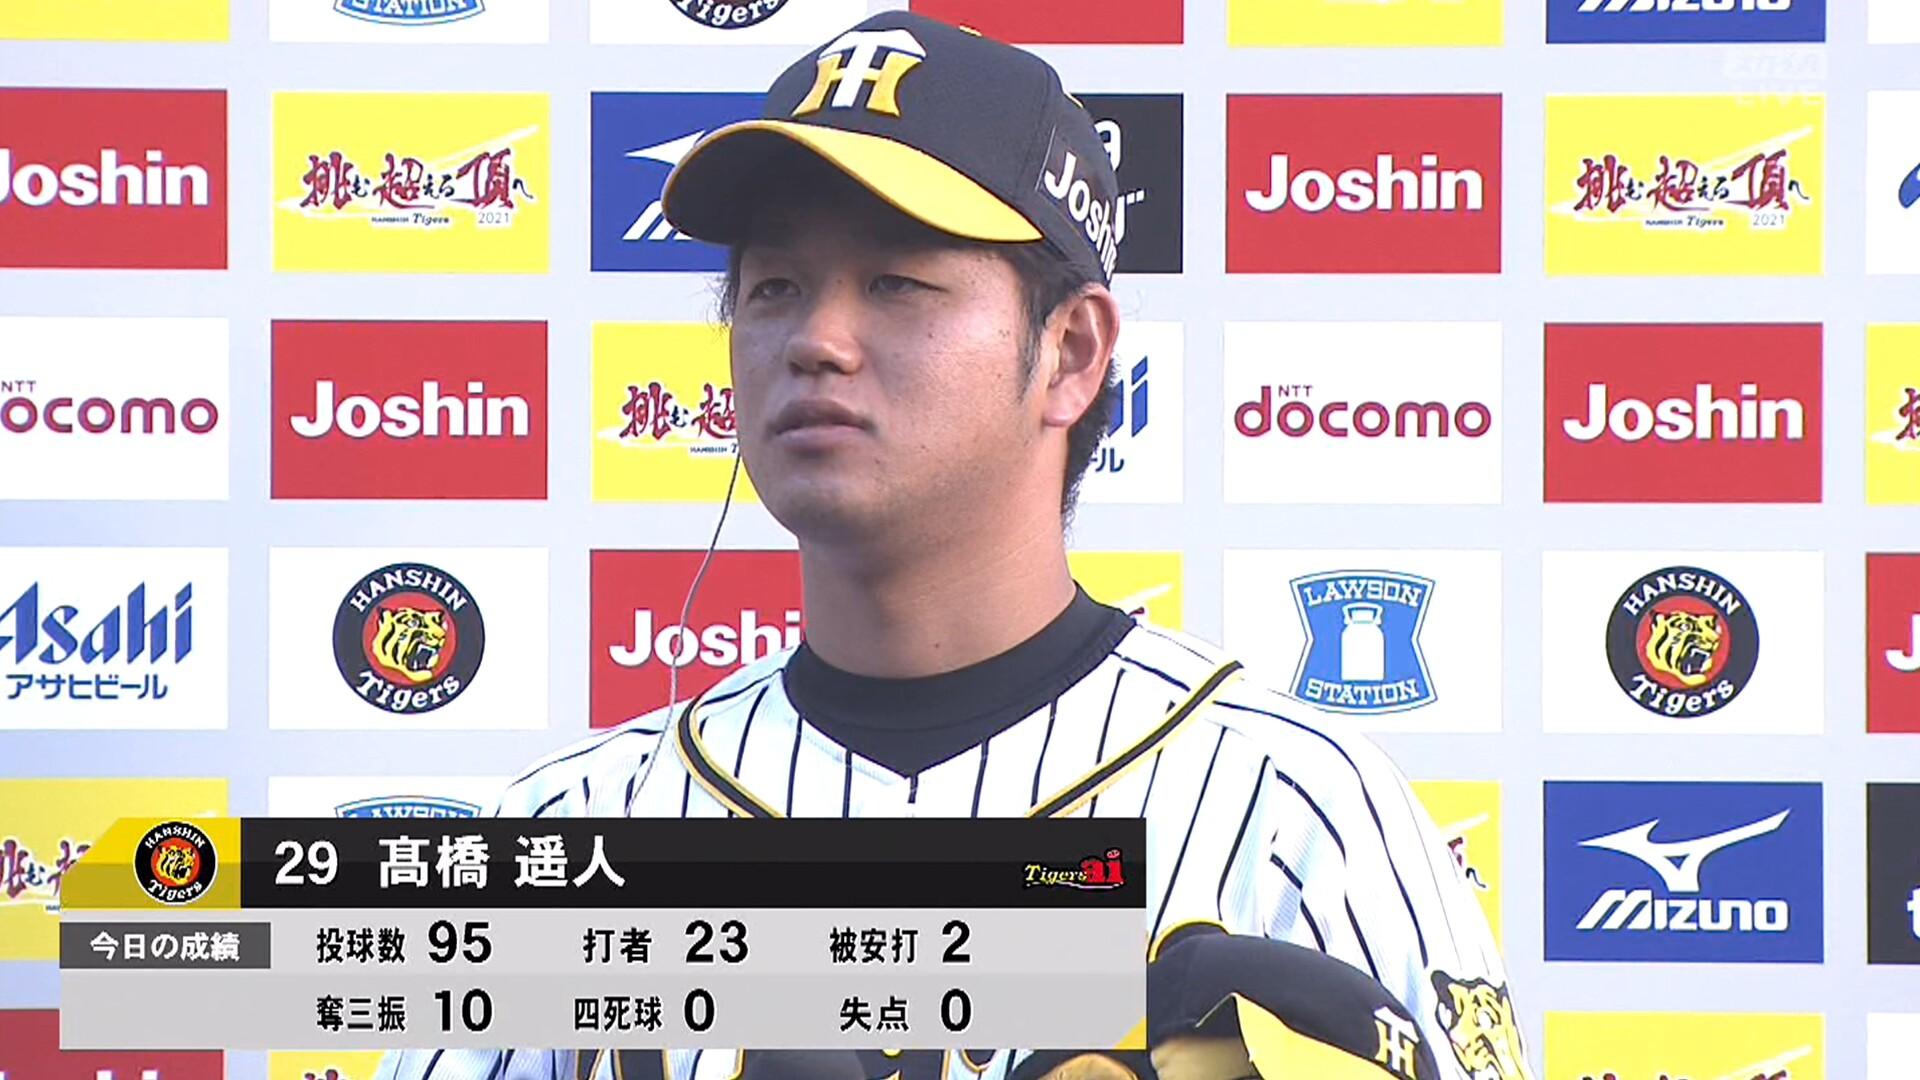 阪神、優勝へのラストピースが埋まる 高橋遥人が7回10奪三振の快投で今季初勝利